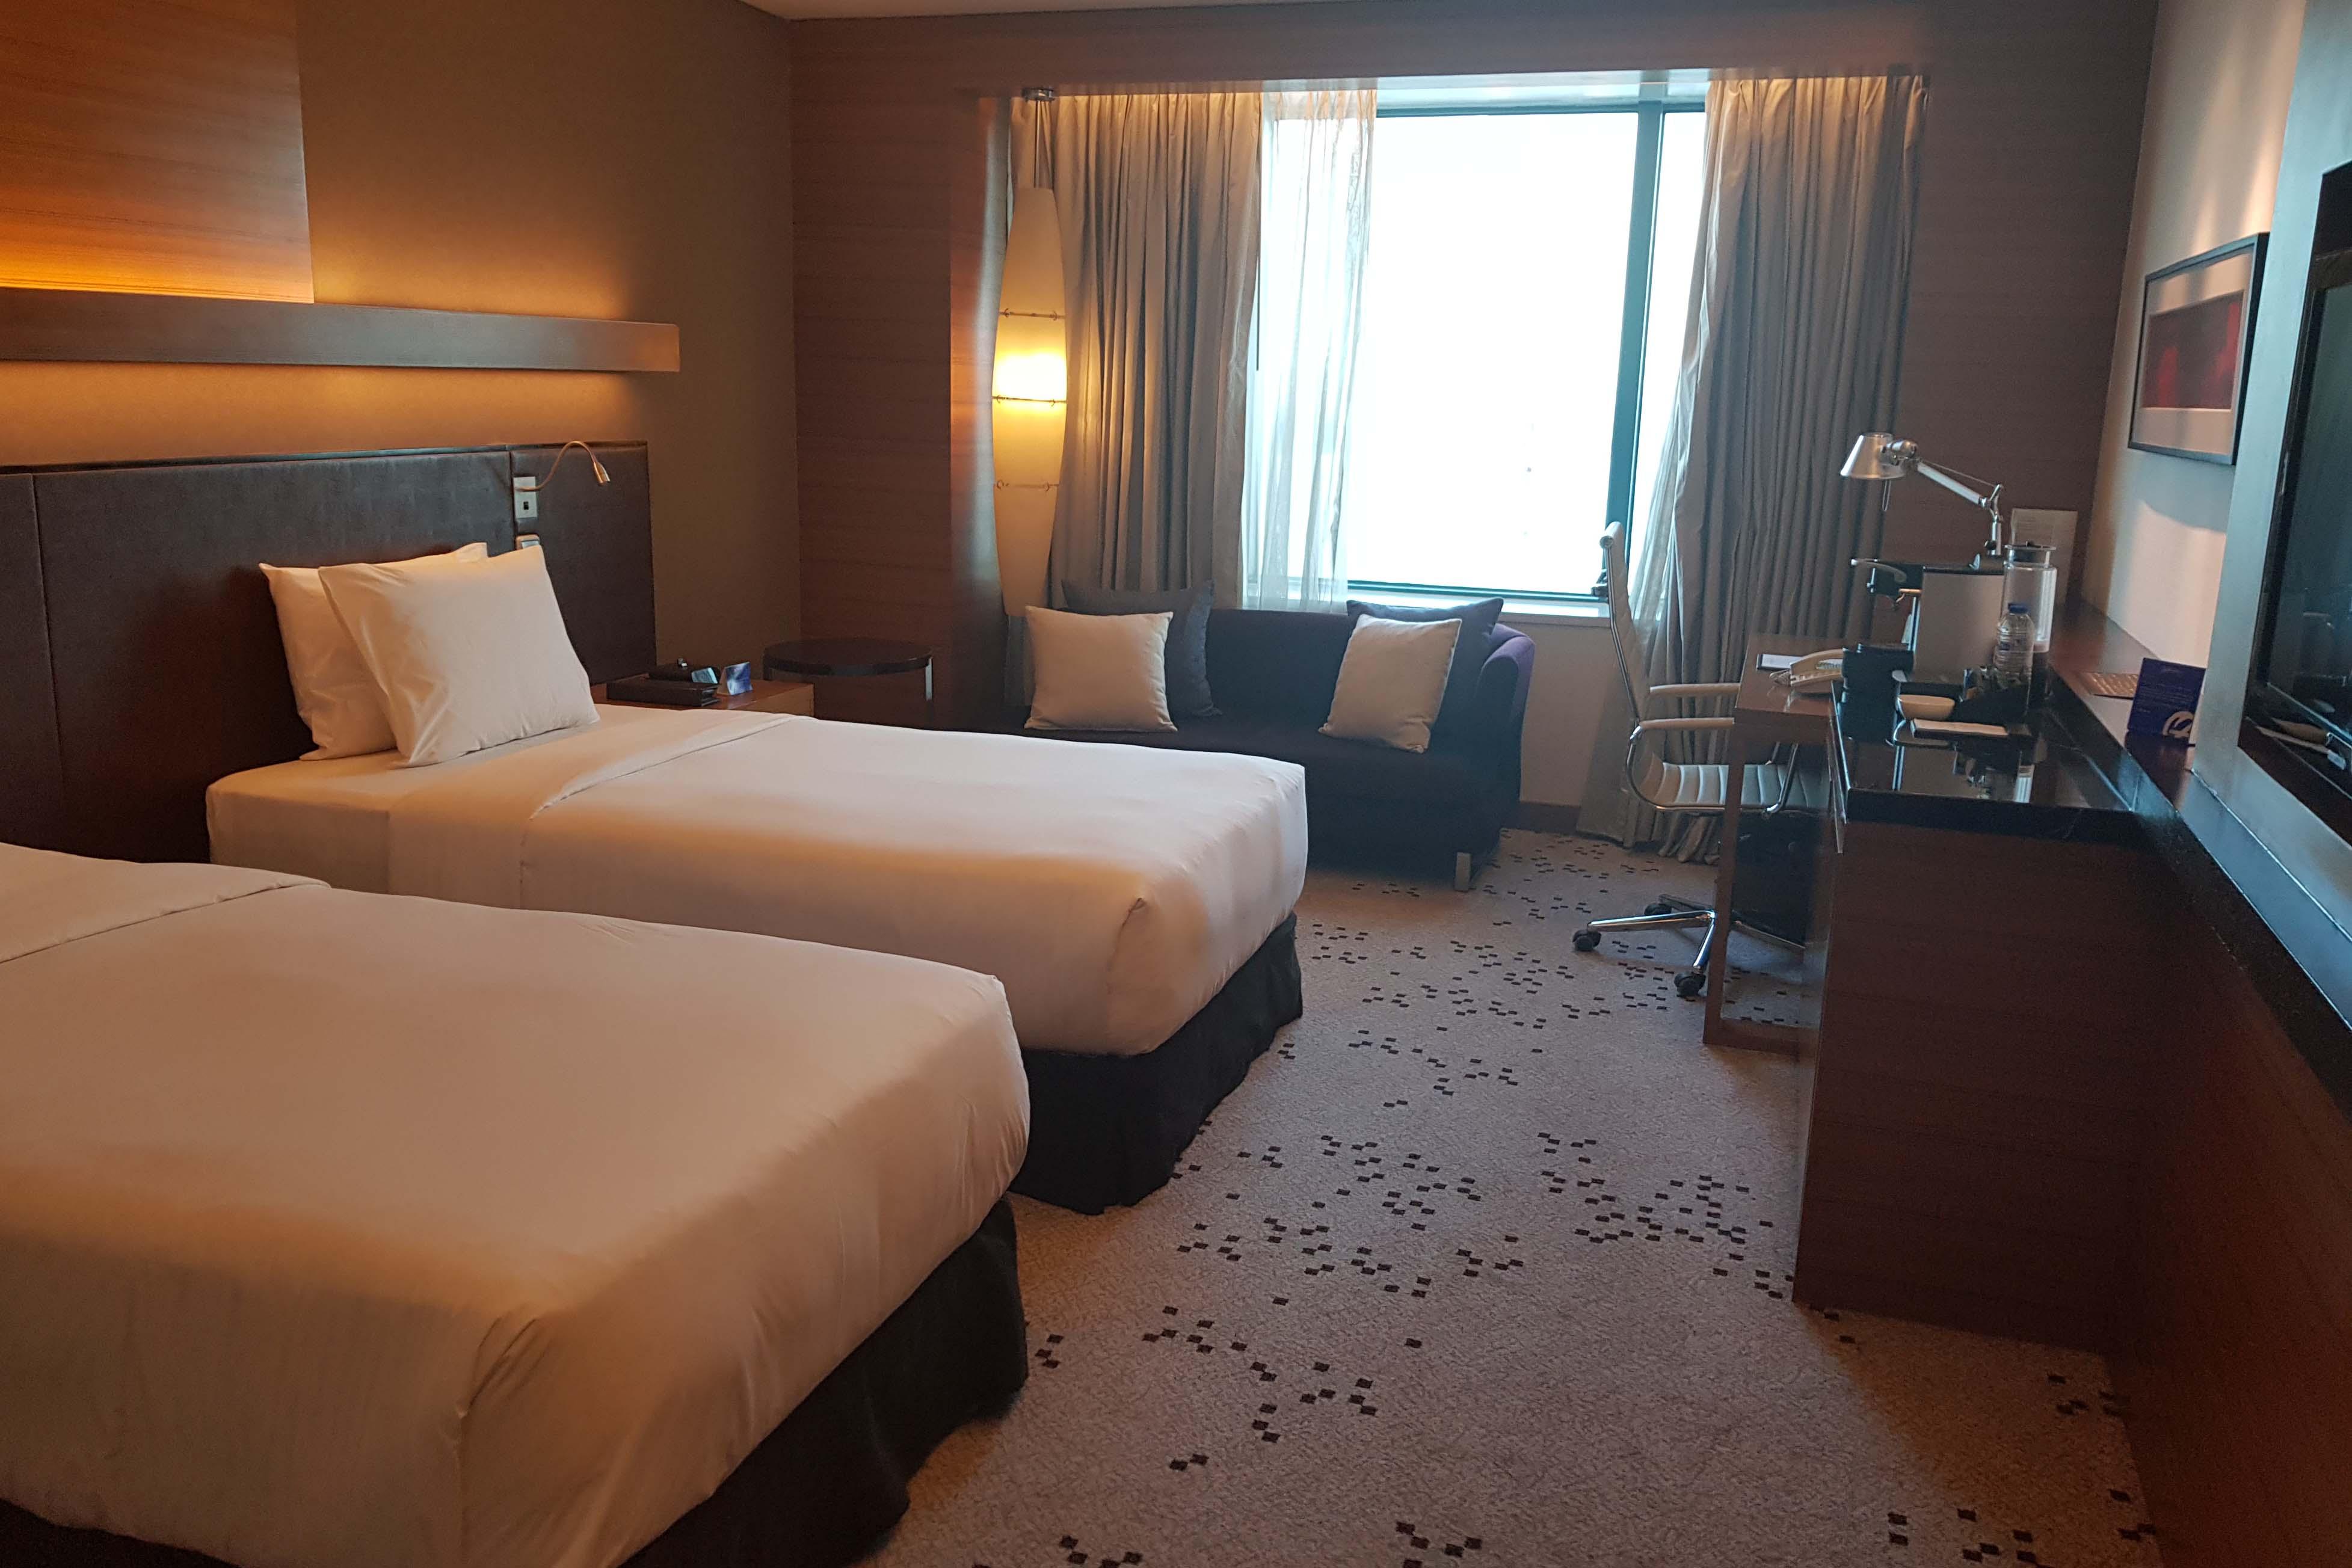 ラディソン・ブル・ホテル&リゾーツ ビジネスクラスルーム(イメージ)